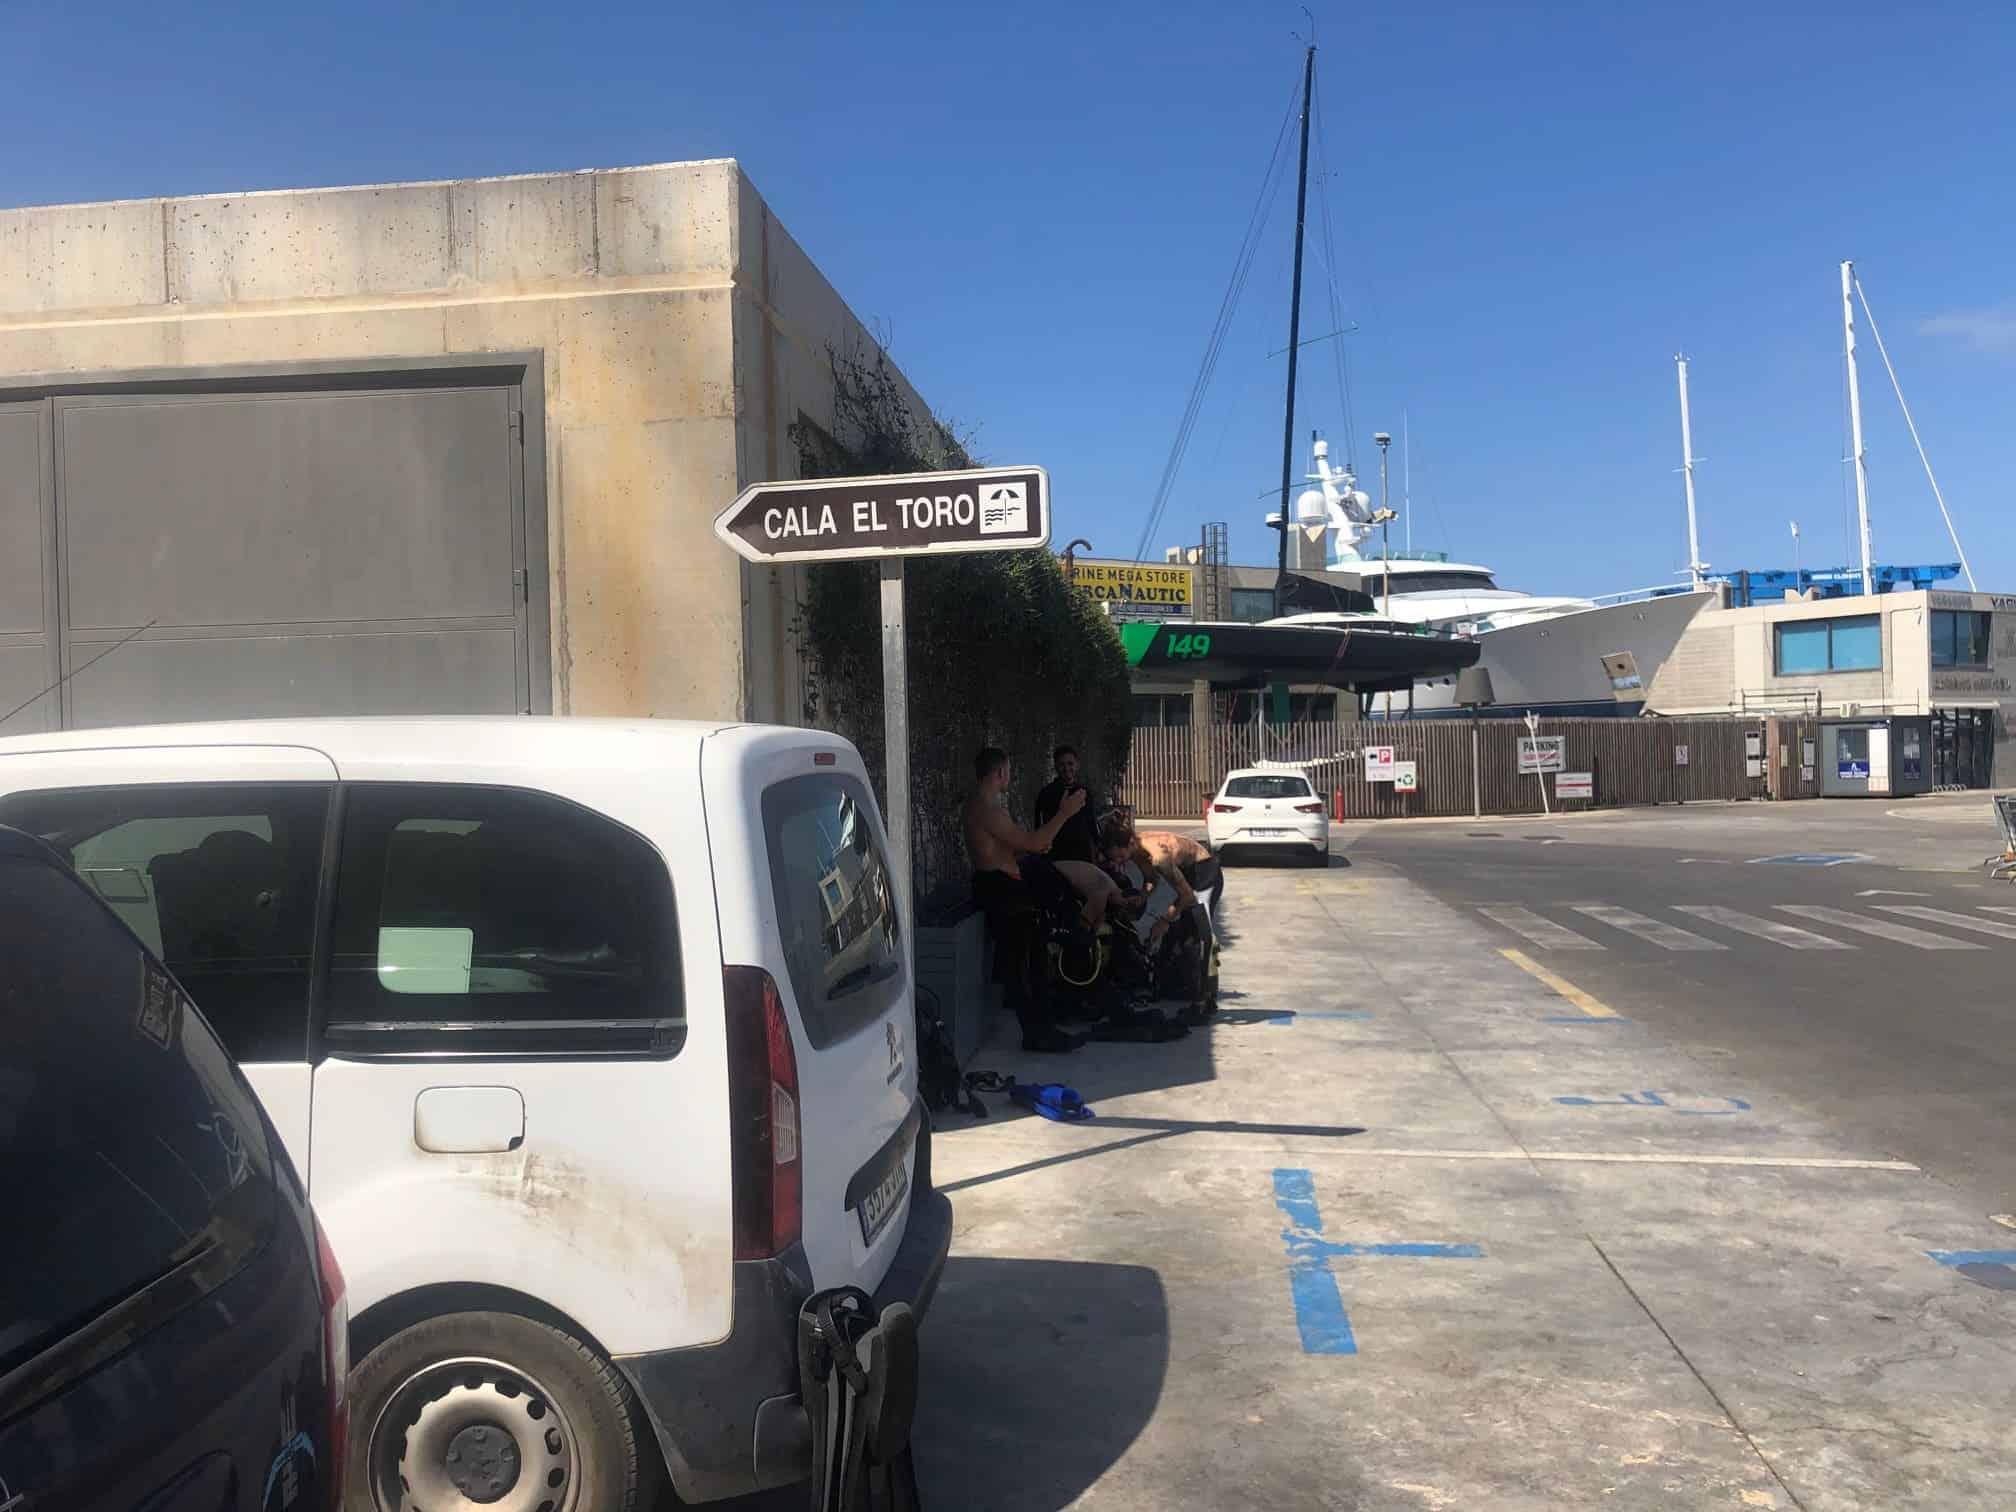 Cala El Toro - Port Adriano_Mallorca